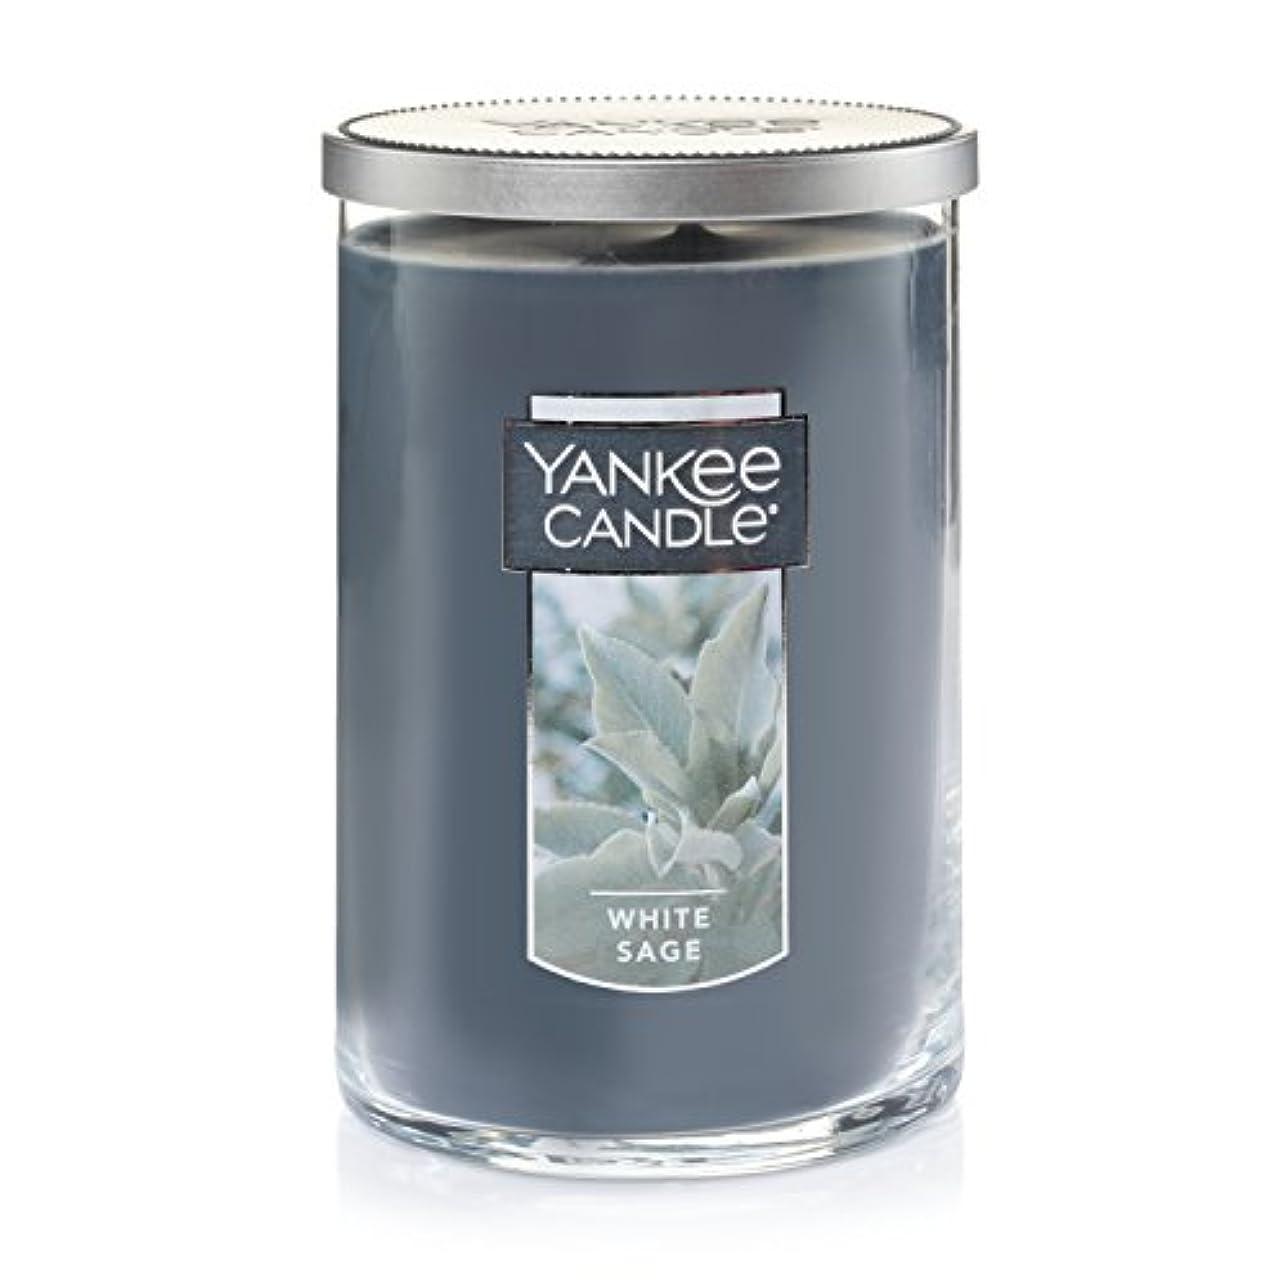 拘束する入射揮発性Yankee Candleホワイトセージ Large 2-Wick Tumbler Candles 1556031-YC